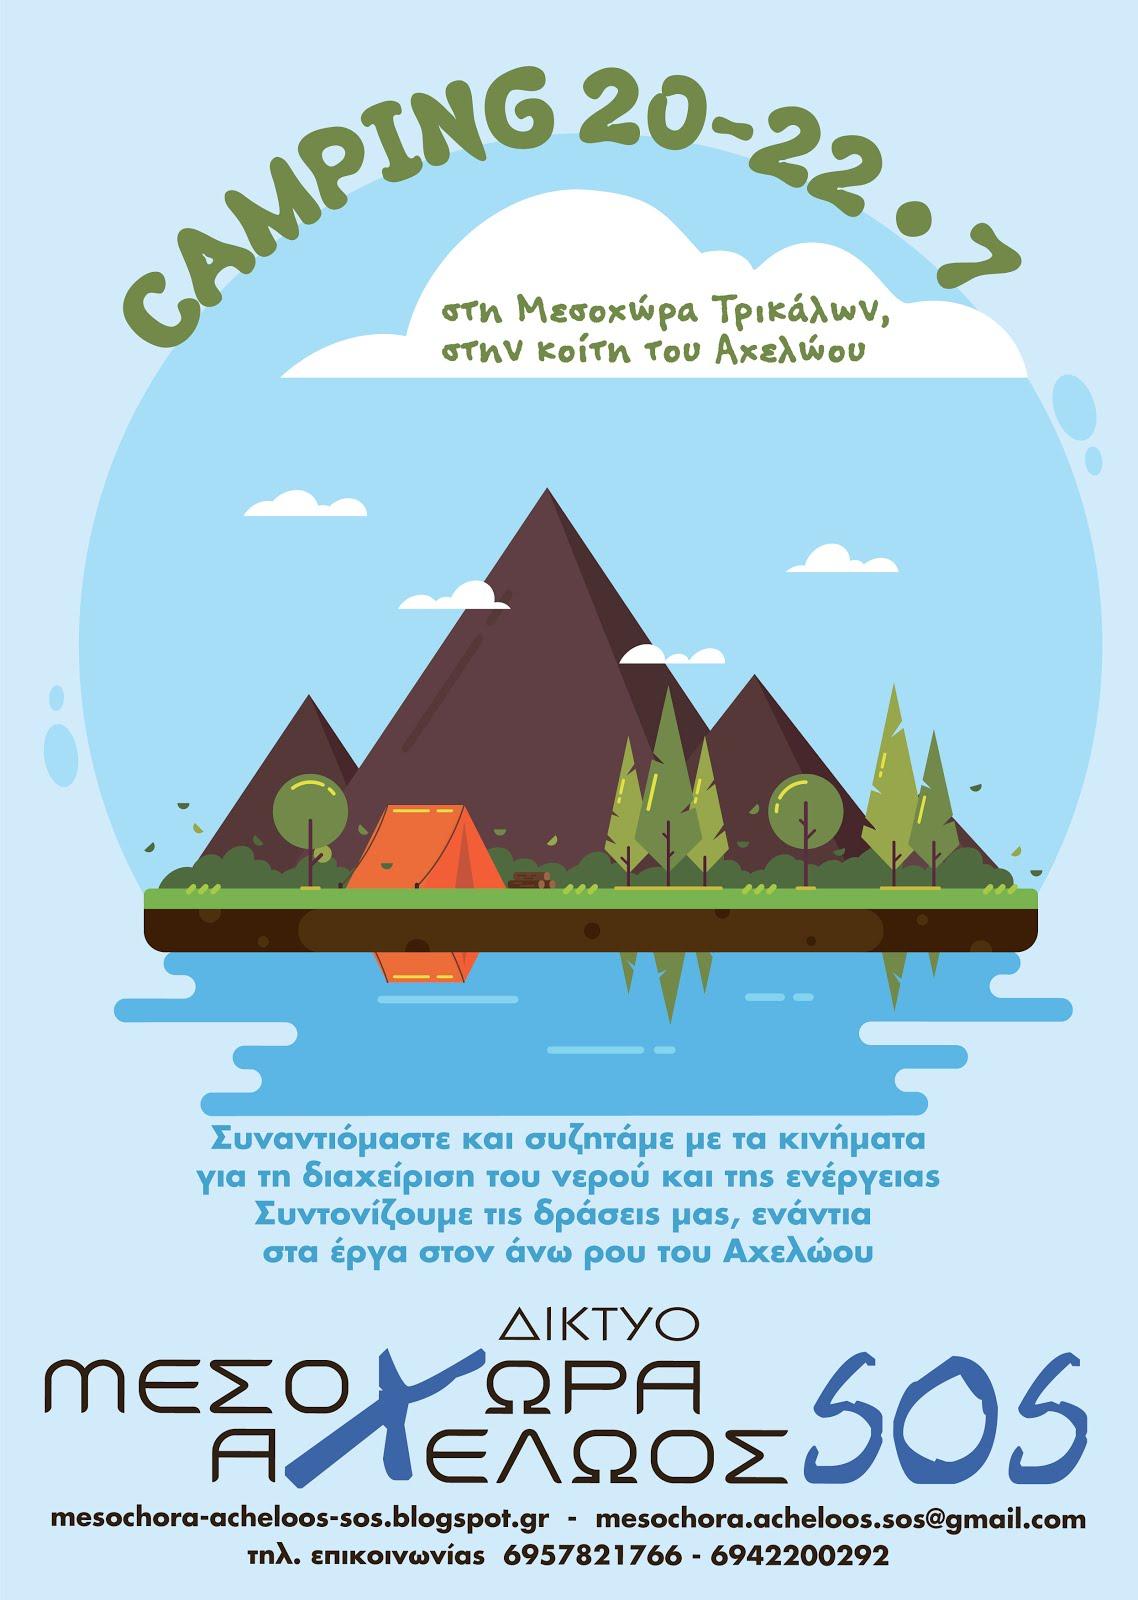 Camping 2018 στη Μεσοχώρα